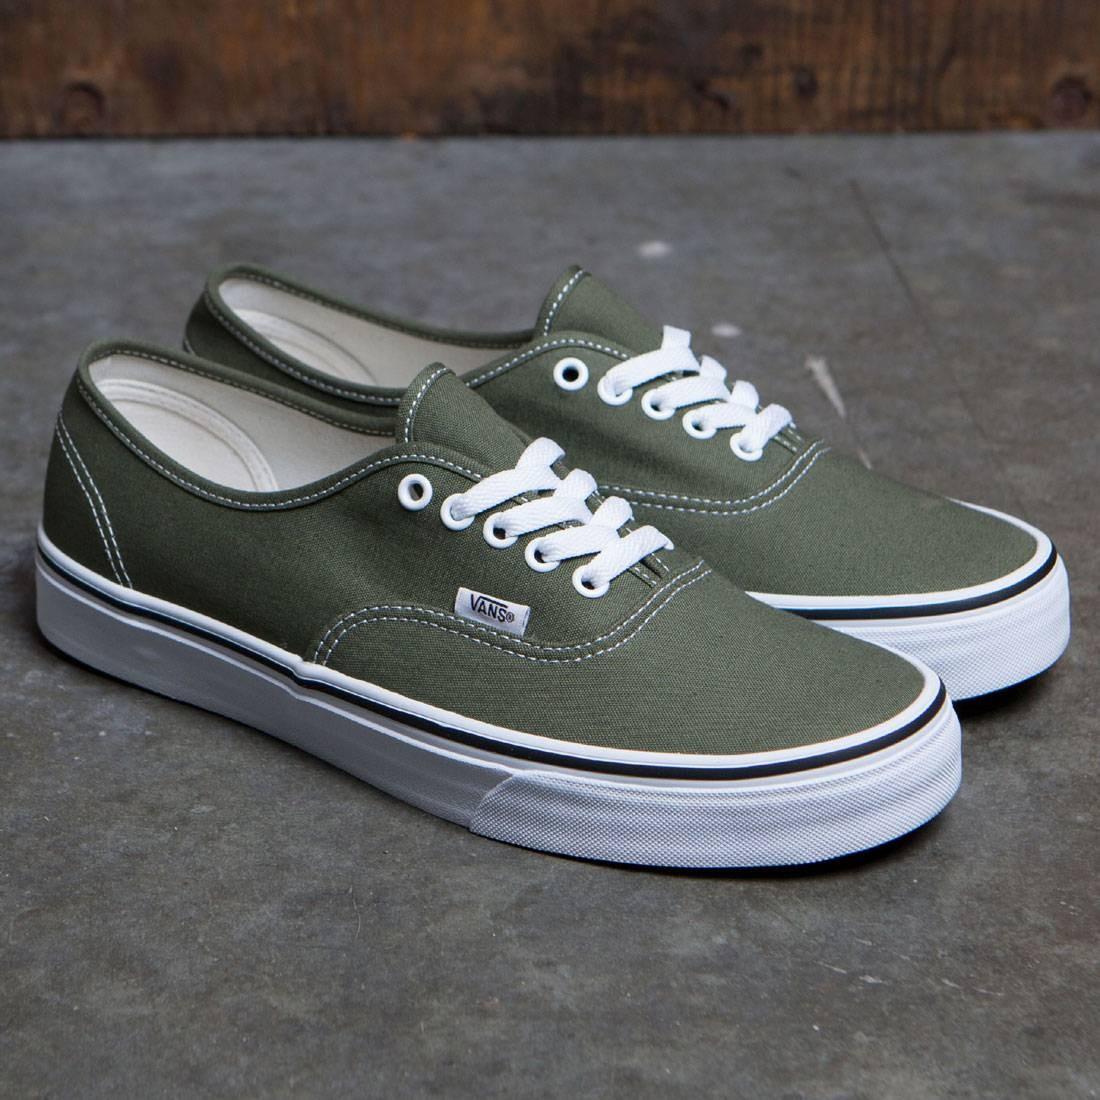 authentic vans green